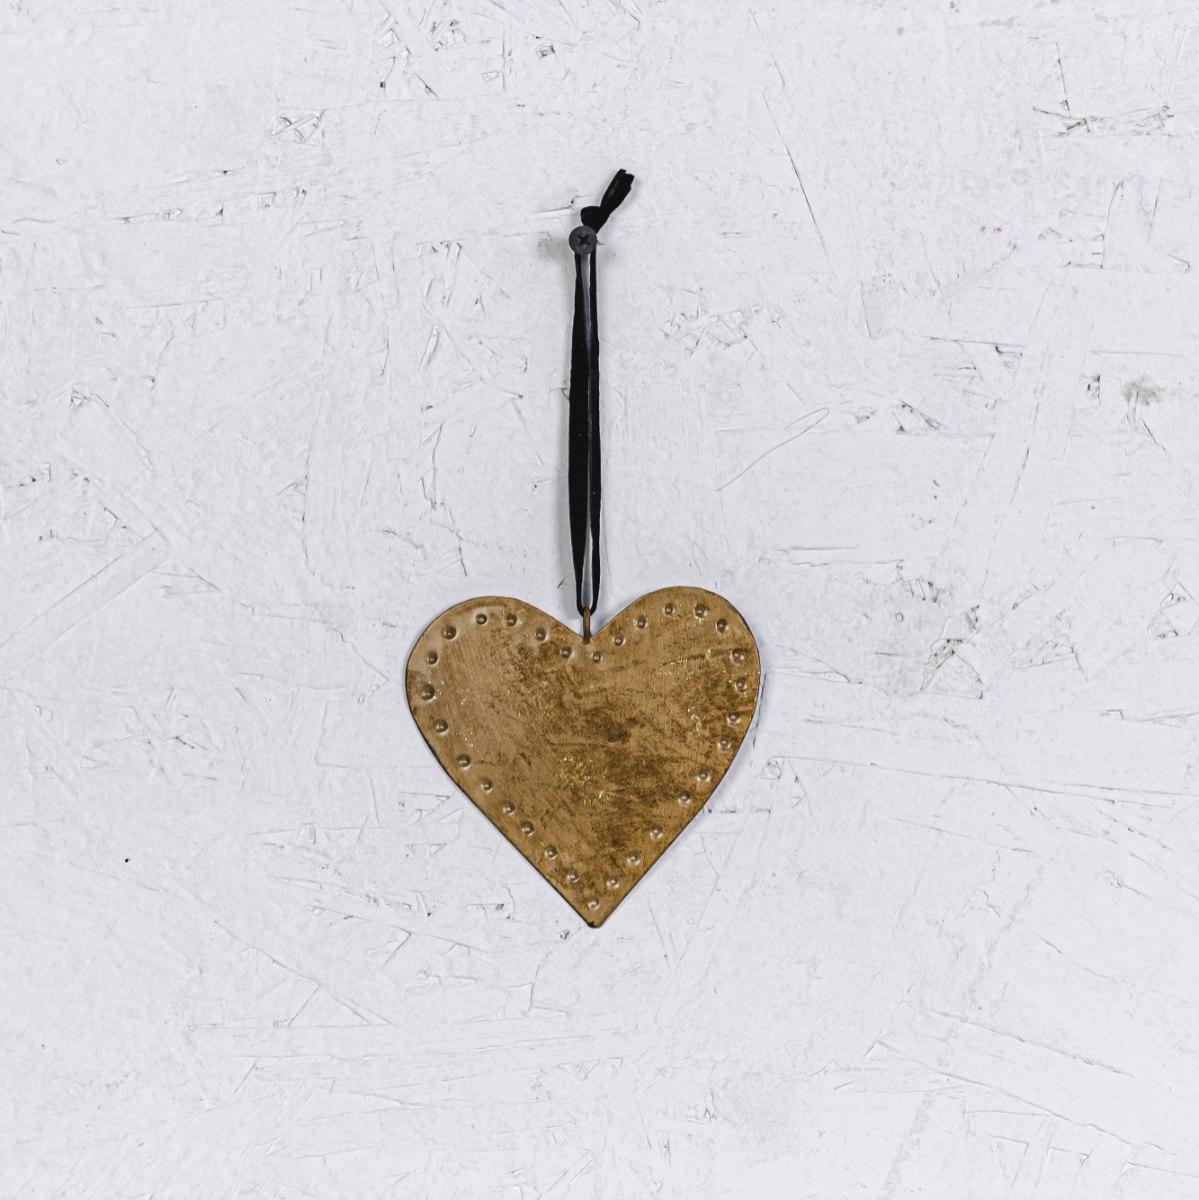 לב שטוח ממתכת - זהב חלודה (גודל S)